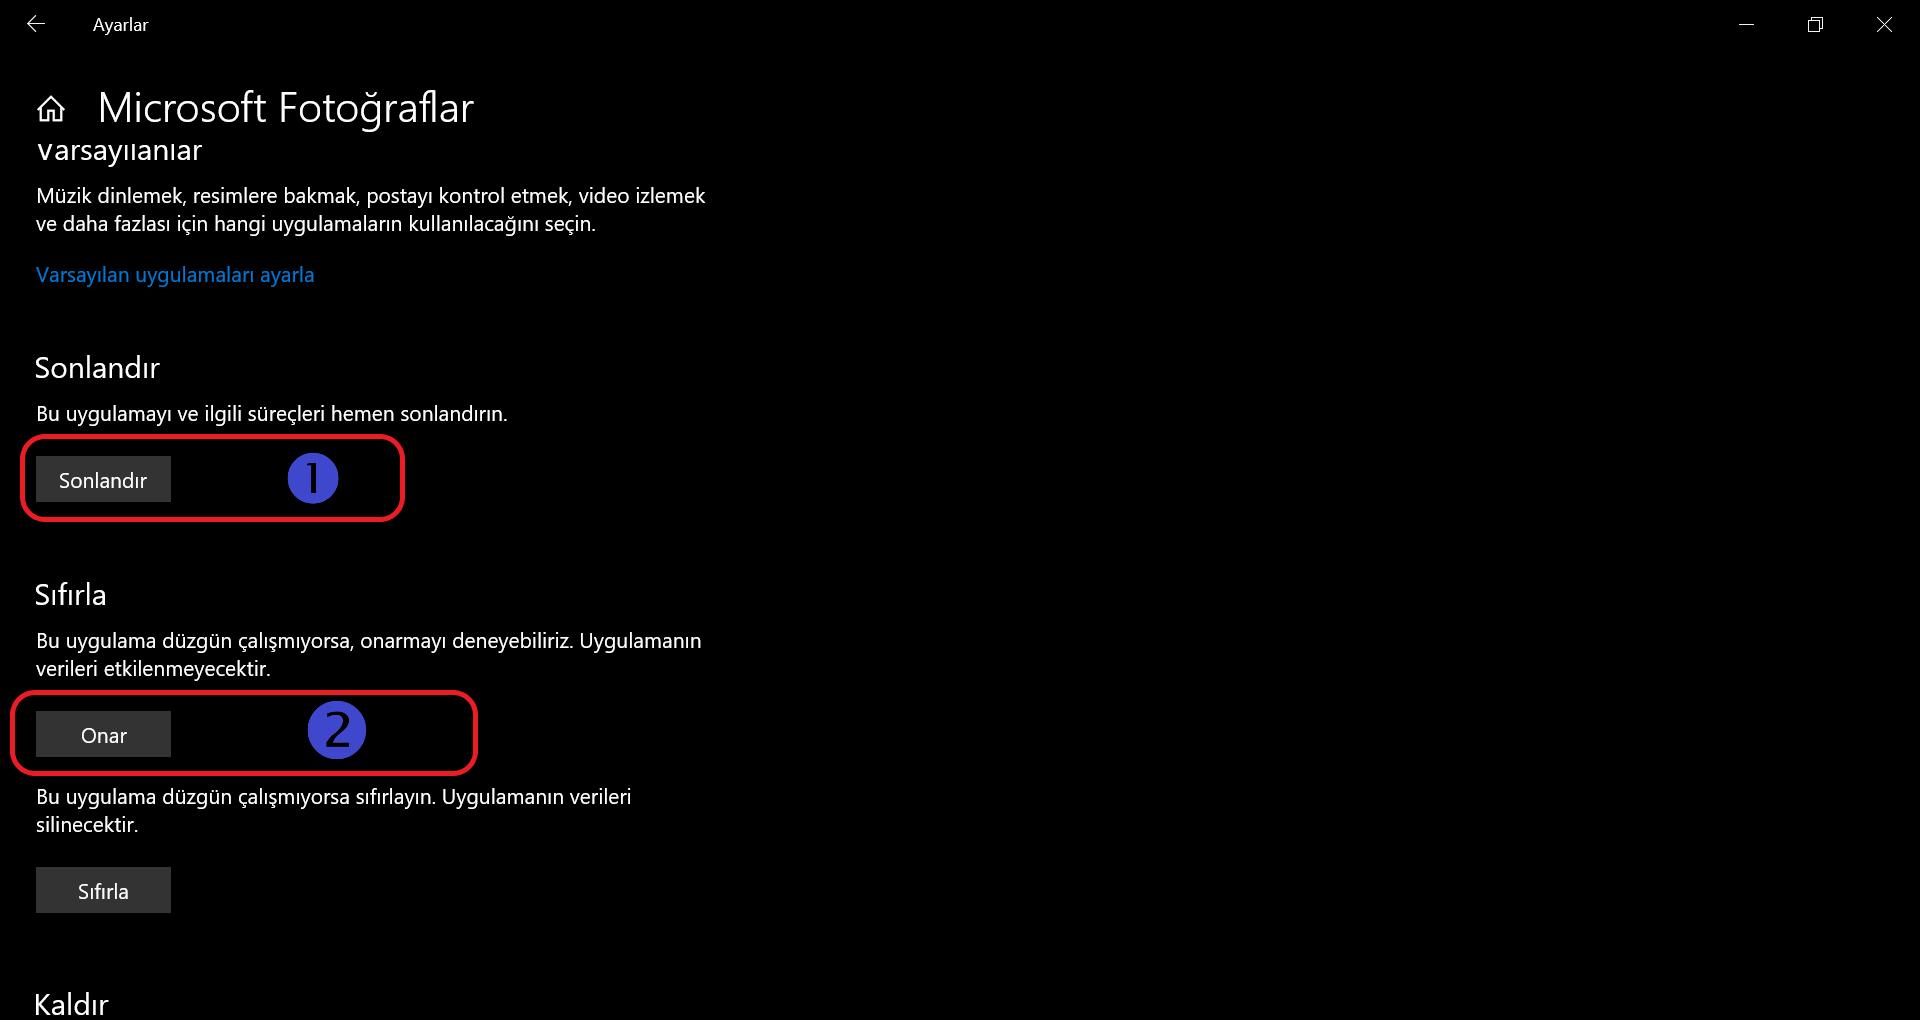 Microsoft Fotogramlar Sonlandır ve Onar Görüntüsü